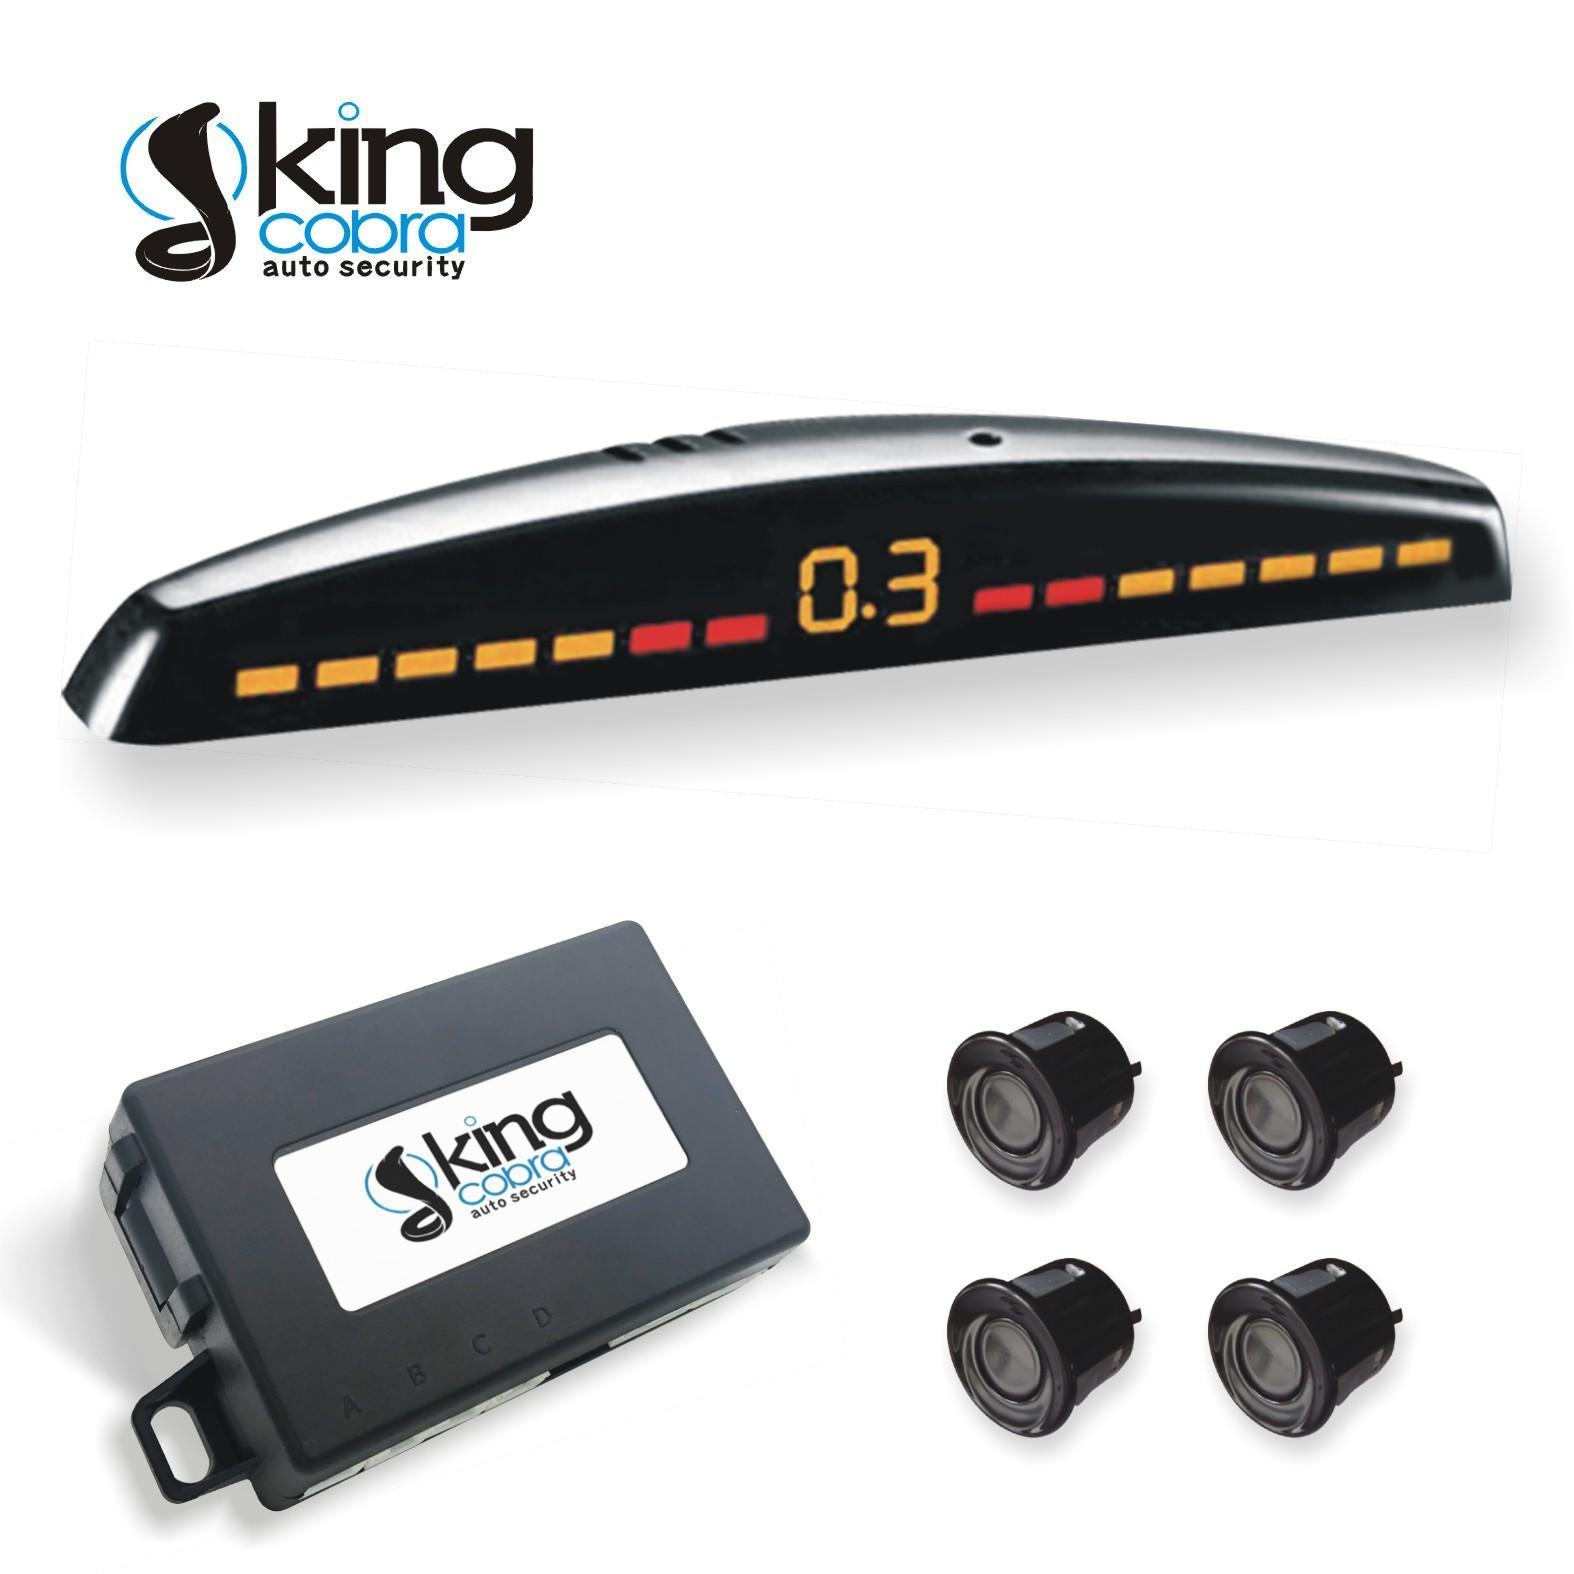 Professional KC-6000D Parking Assistant System-1